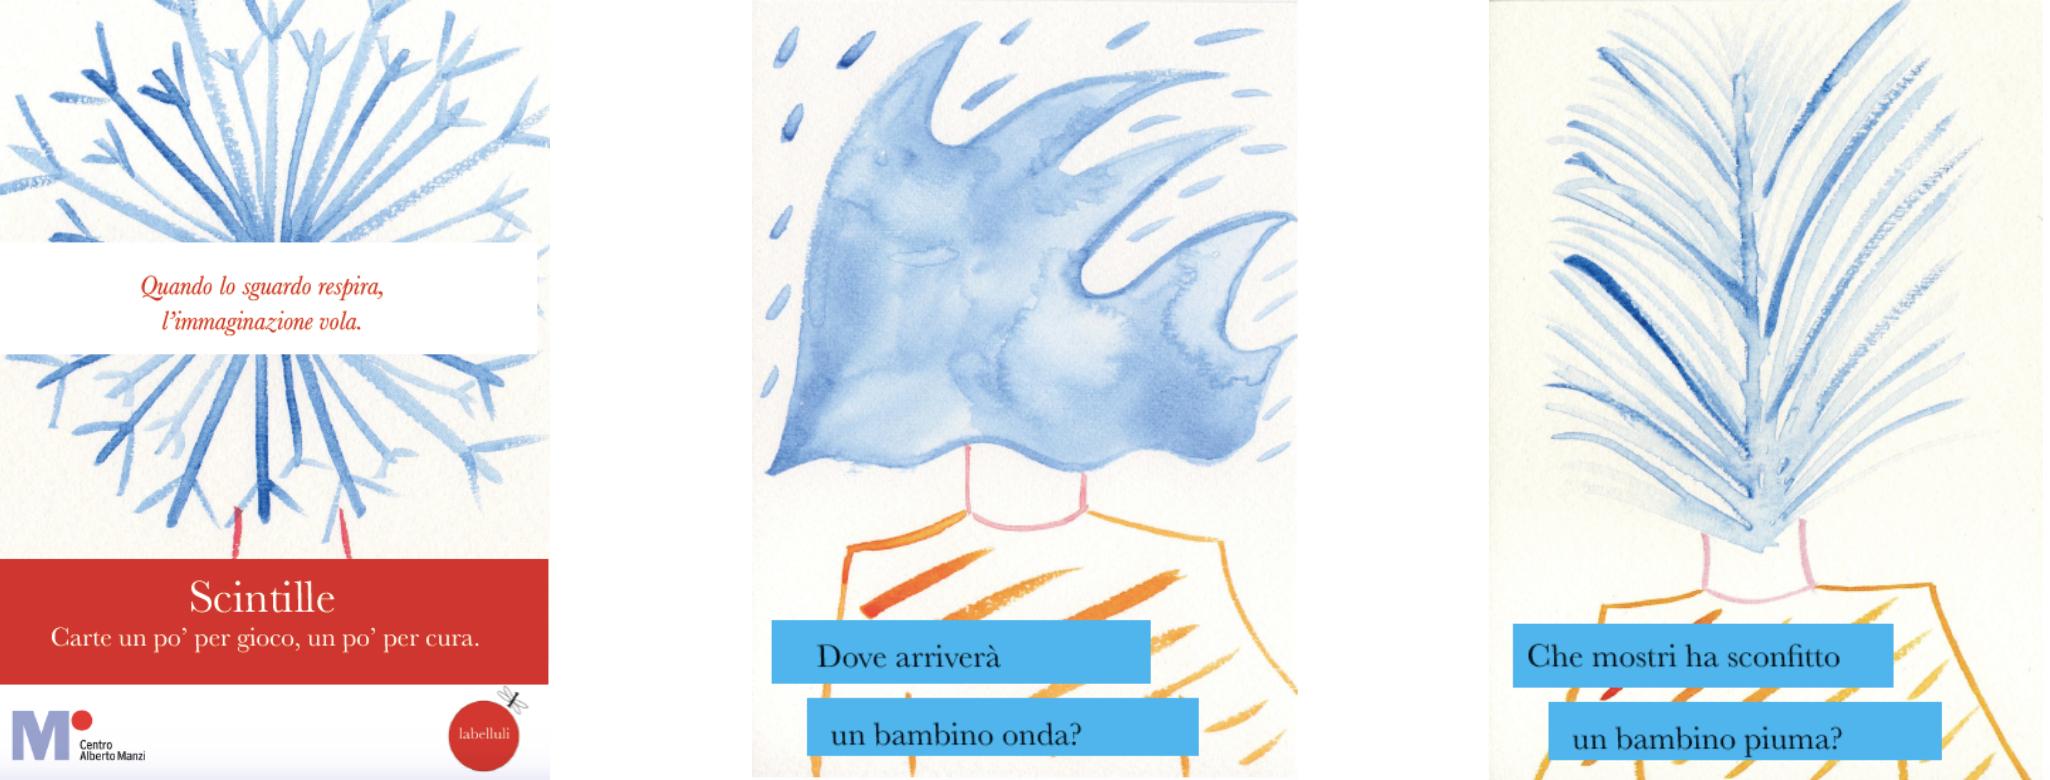 La parola ad Andrea Prandin e Antonia Chiara Scardicchio sulle carte Scintille.